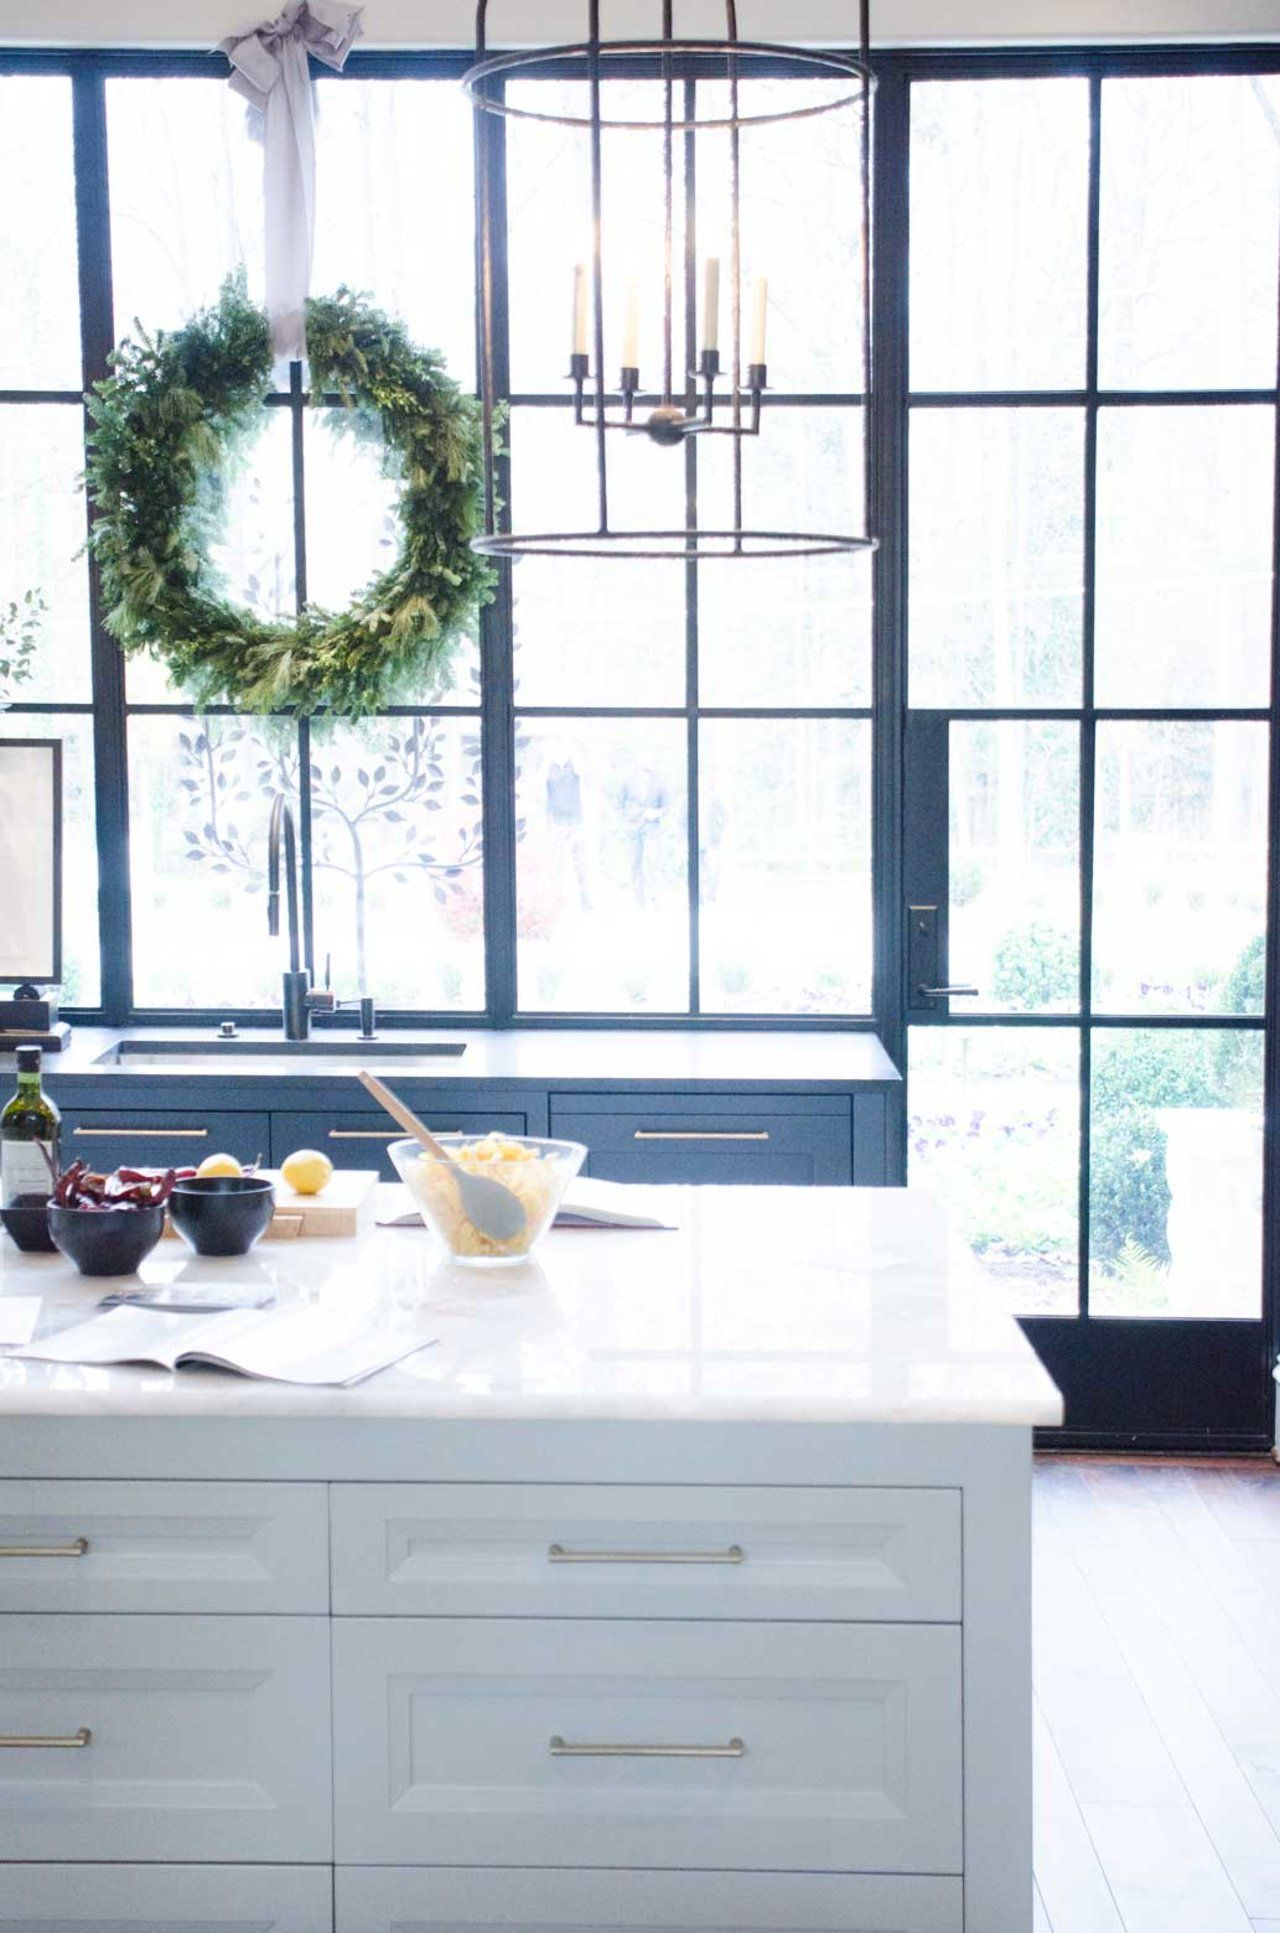 Tour the Atlanta Homes & Lifestyles Holiday House | Pinterest